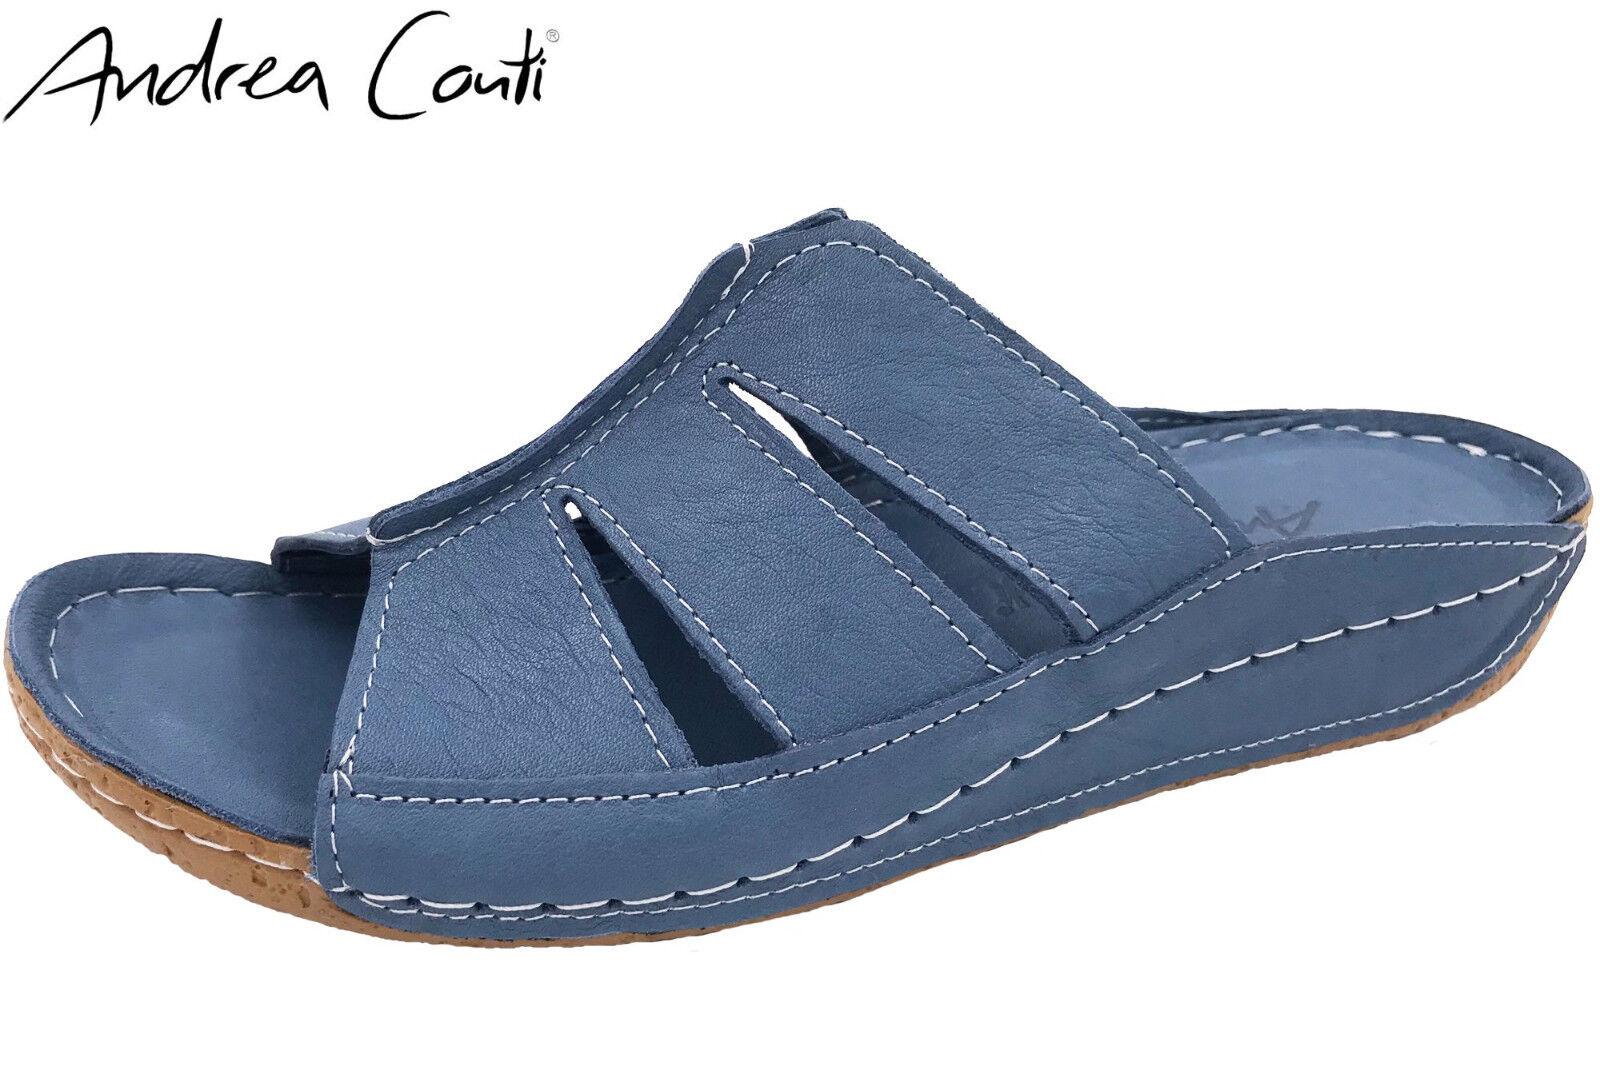 Andrea Conti Damen Pantolette offen Blau Leder Sommer Clogs 0773416 NEU